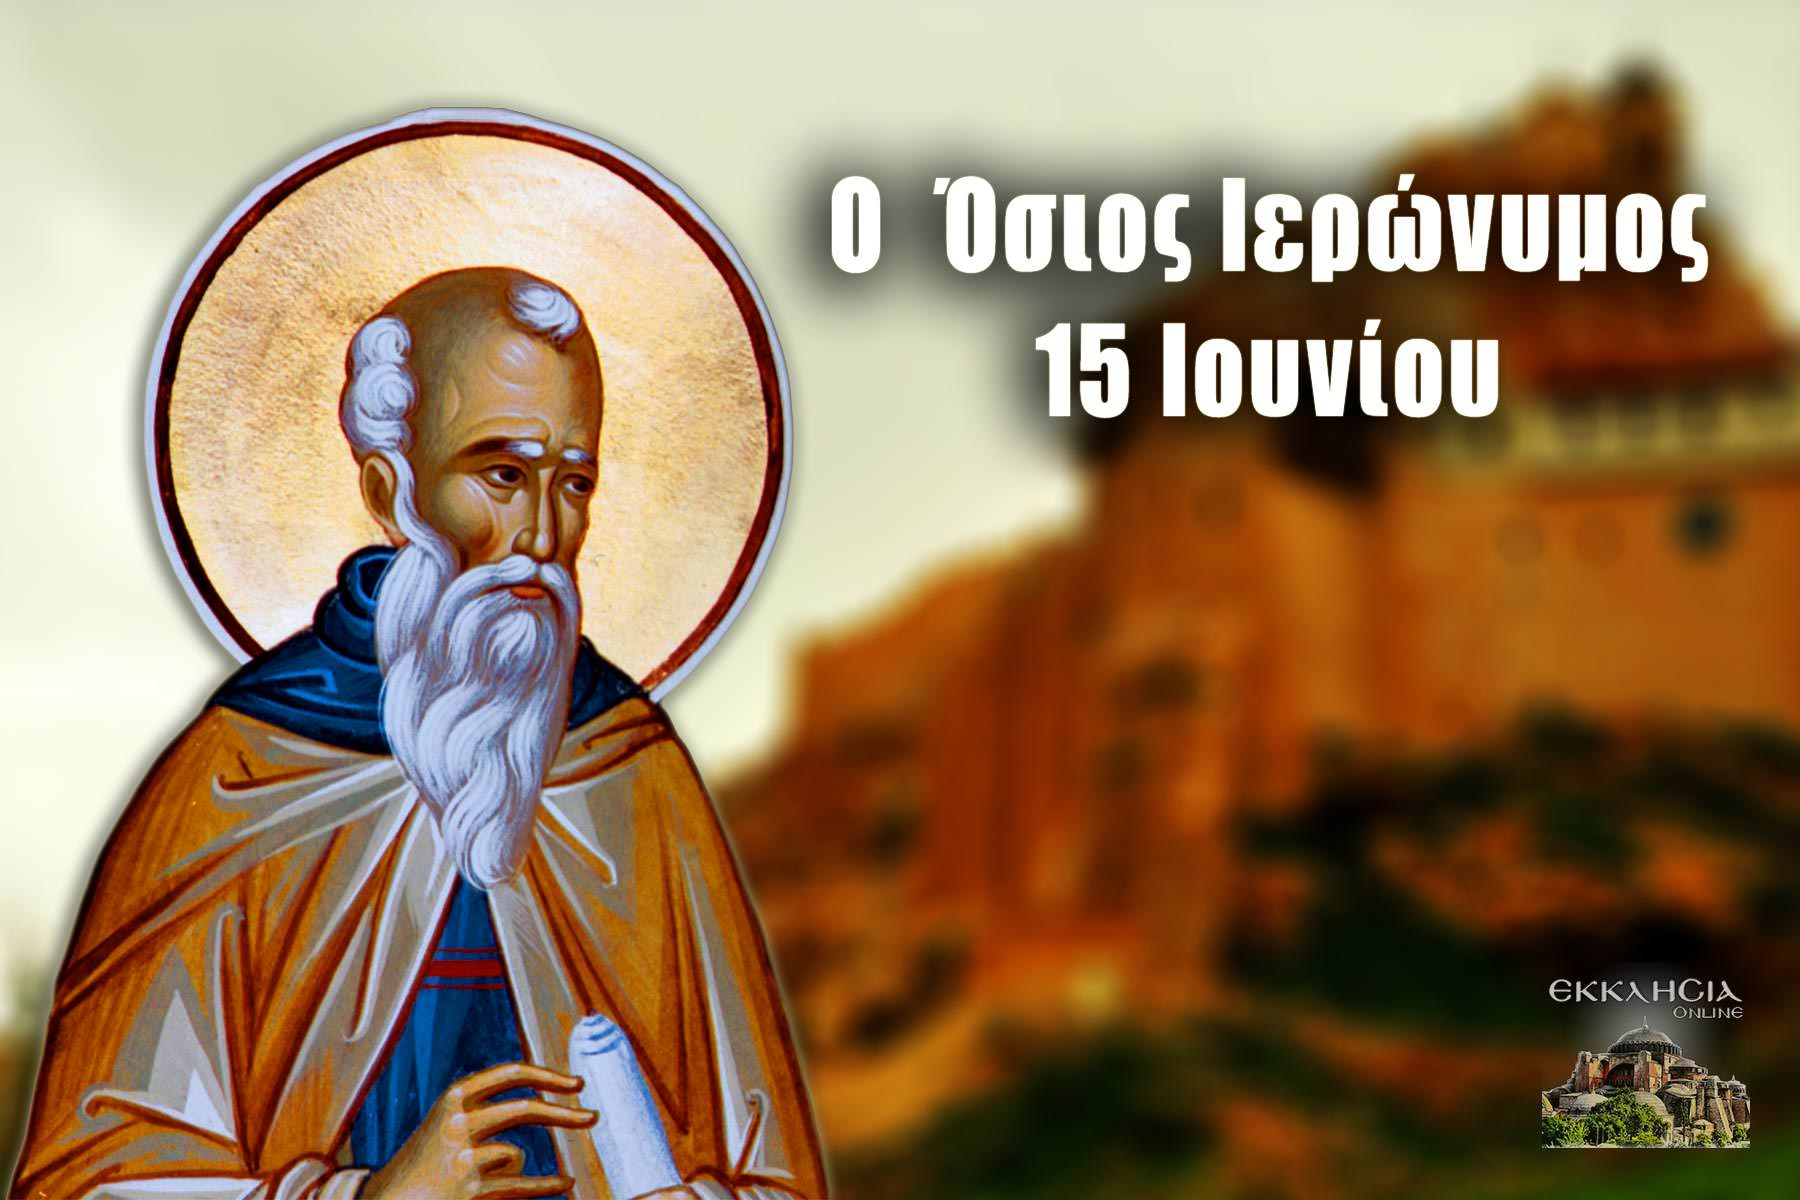 Όσιος Ιερώνυμος 15 Ιουνίου